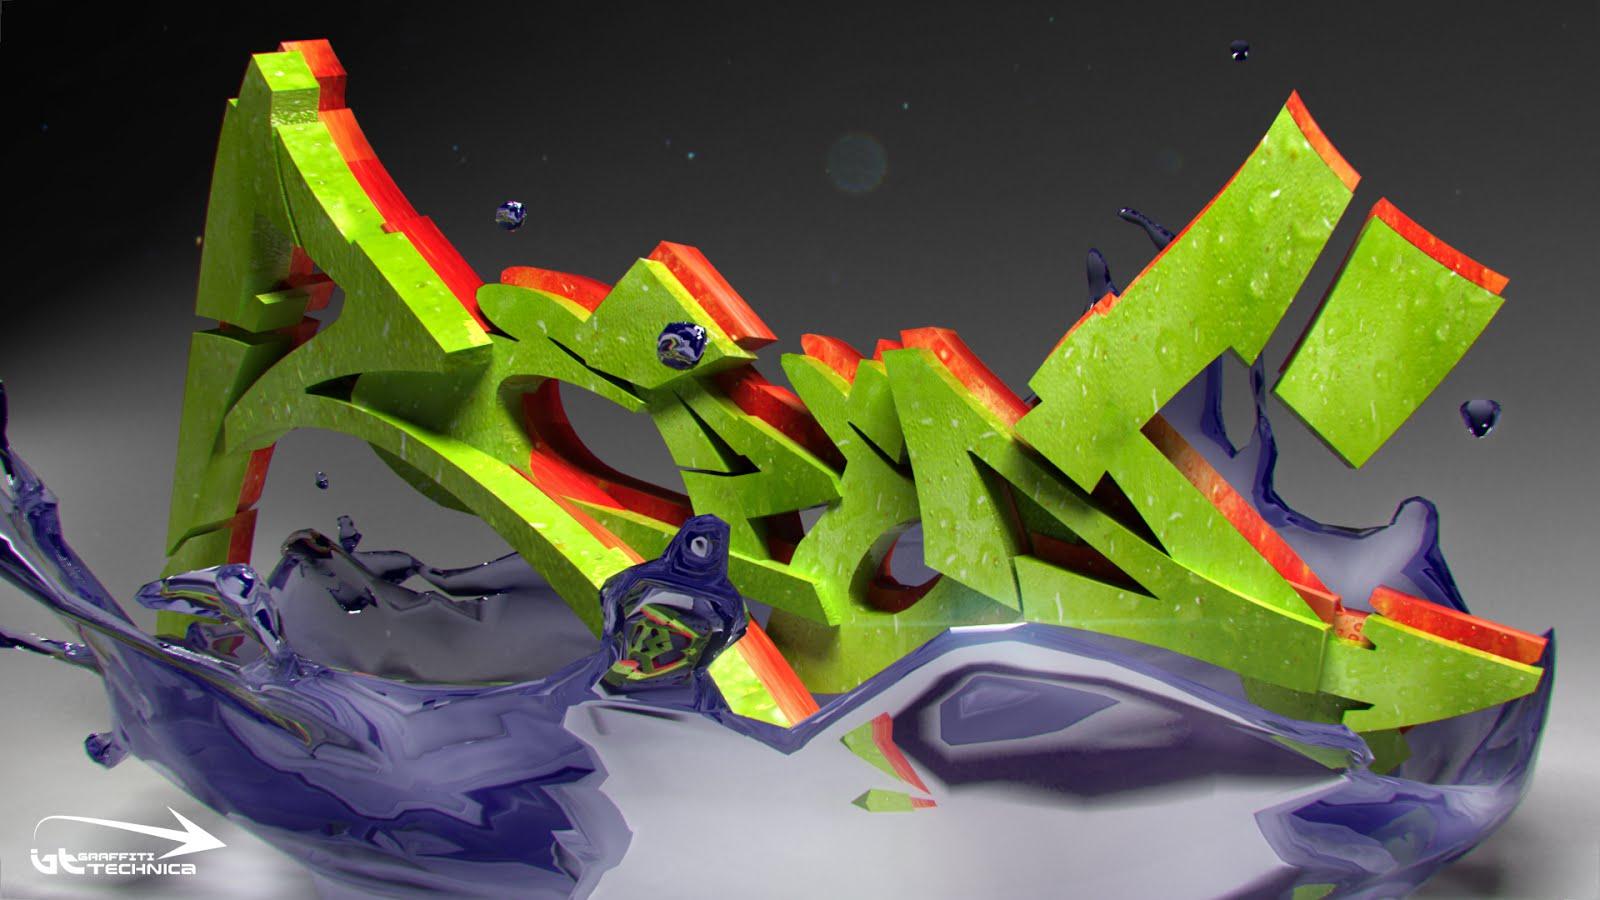 http://1.bp.blogspot.com/-eL-uQZPDW3I/UZLi1C30lbI/AAAAAAAAIpk/qu3hkmmr2X8/s1600/Graffiti%2BWallpaper-718024.jpg